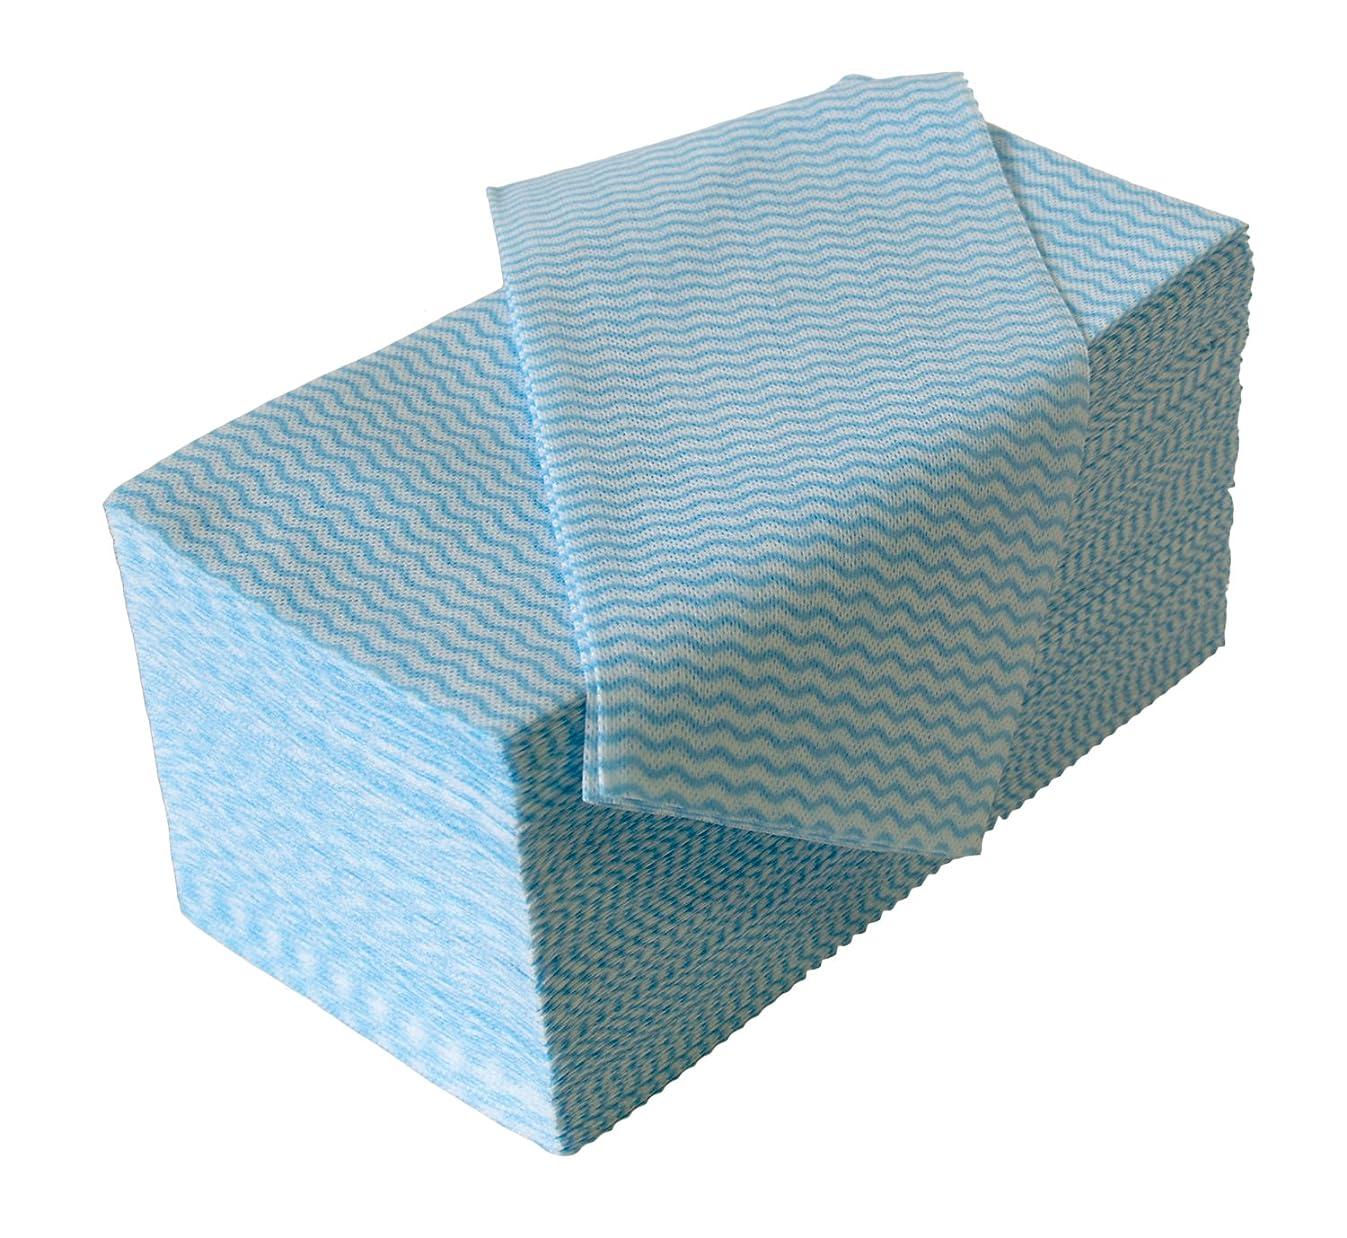 ストリックスデザイン カウンタークロス ブルー 約30㎝×61㎝ 使い切りの 不織布 ふきん 100枚入